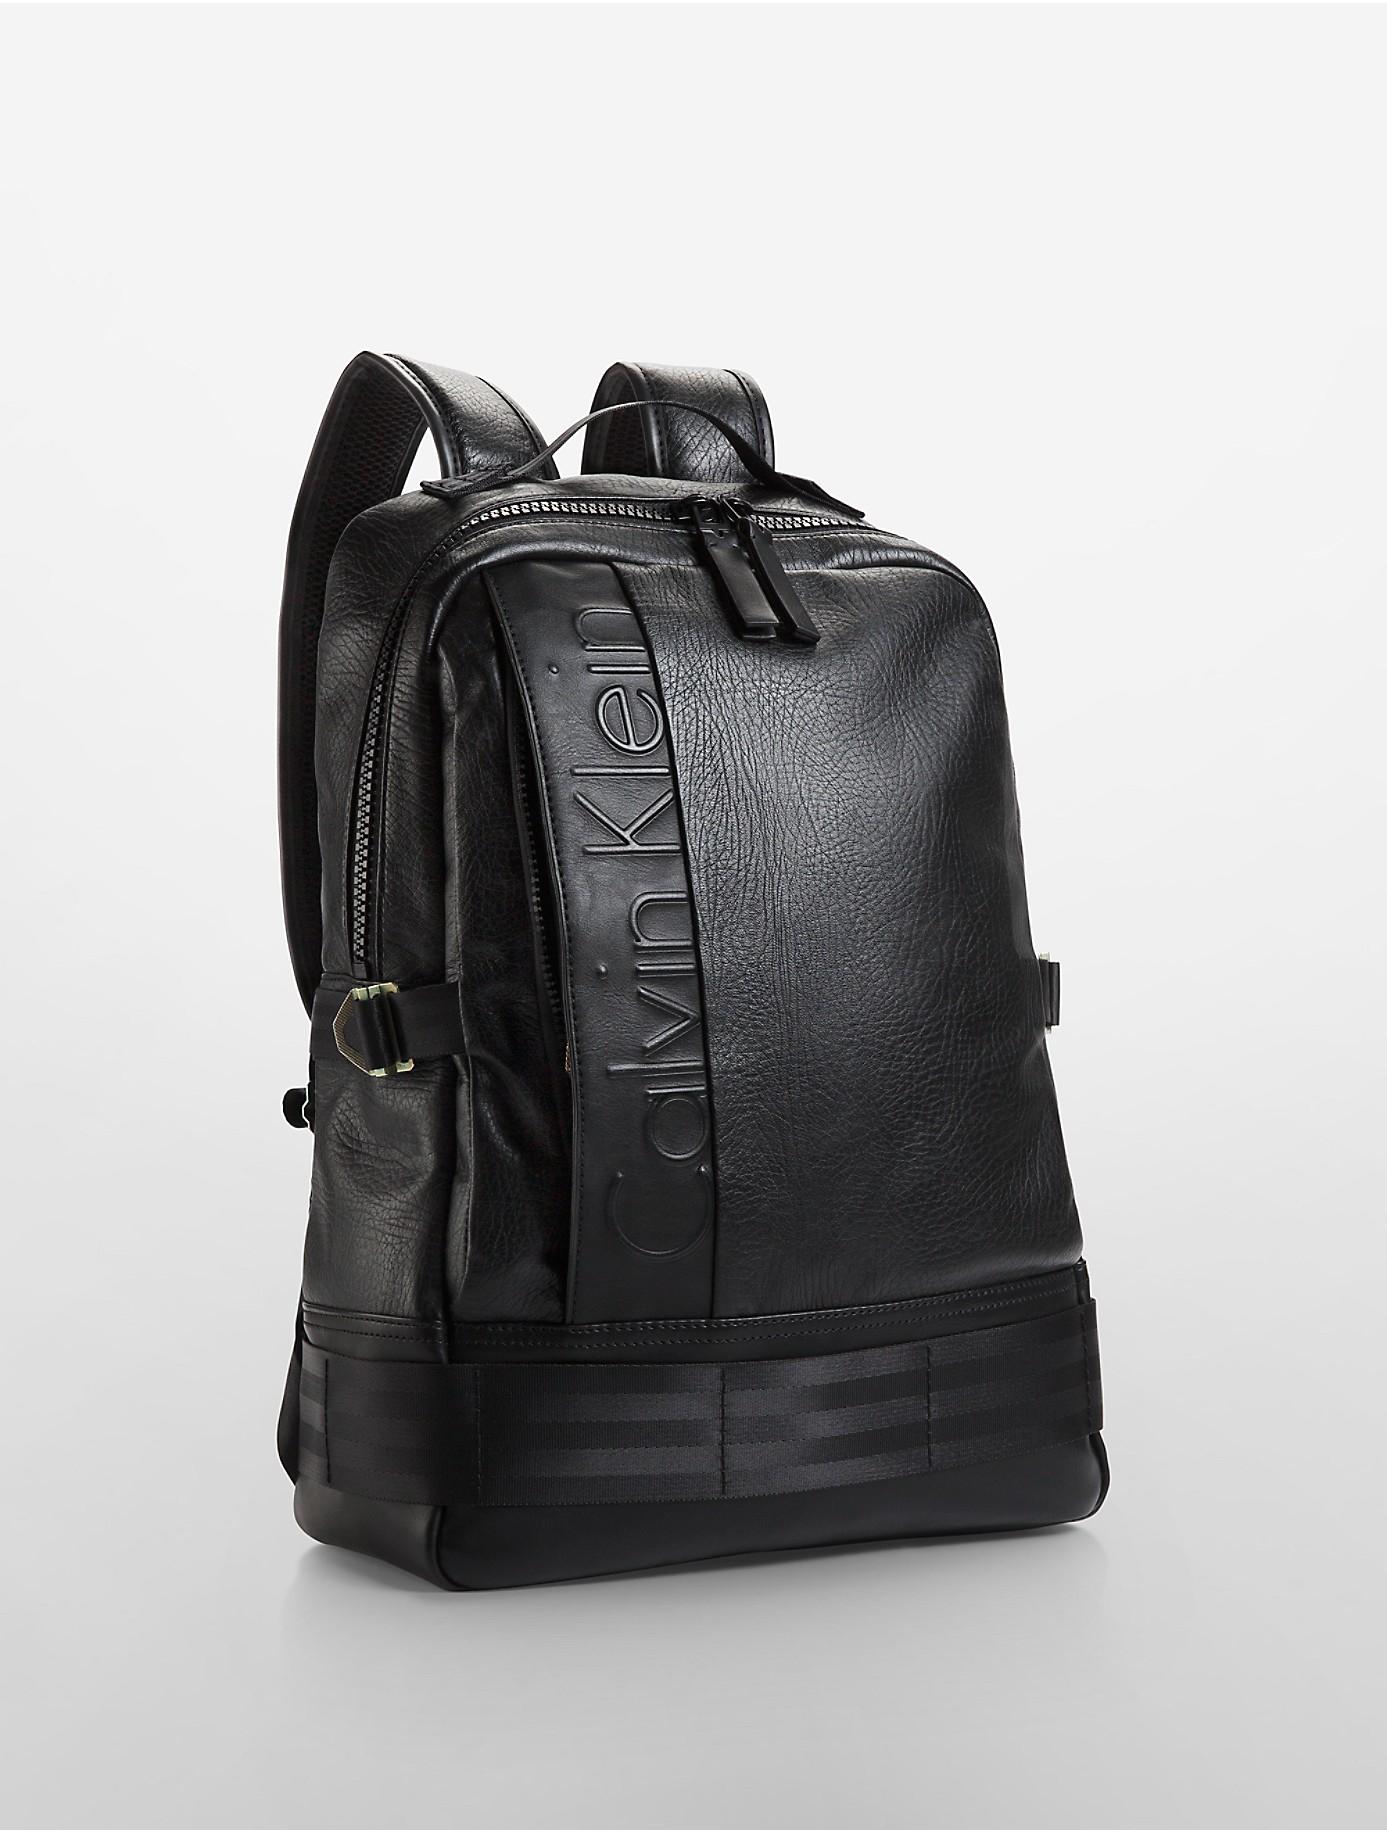 lyst calvin klein jeans pilot leather backpack in black. Black Bedroom Furniture Sets. Home Design Ideas